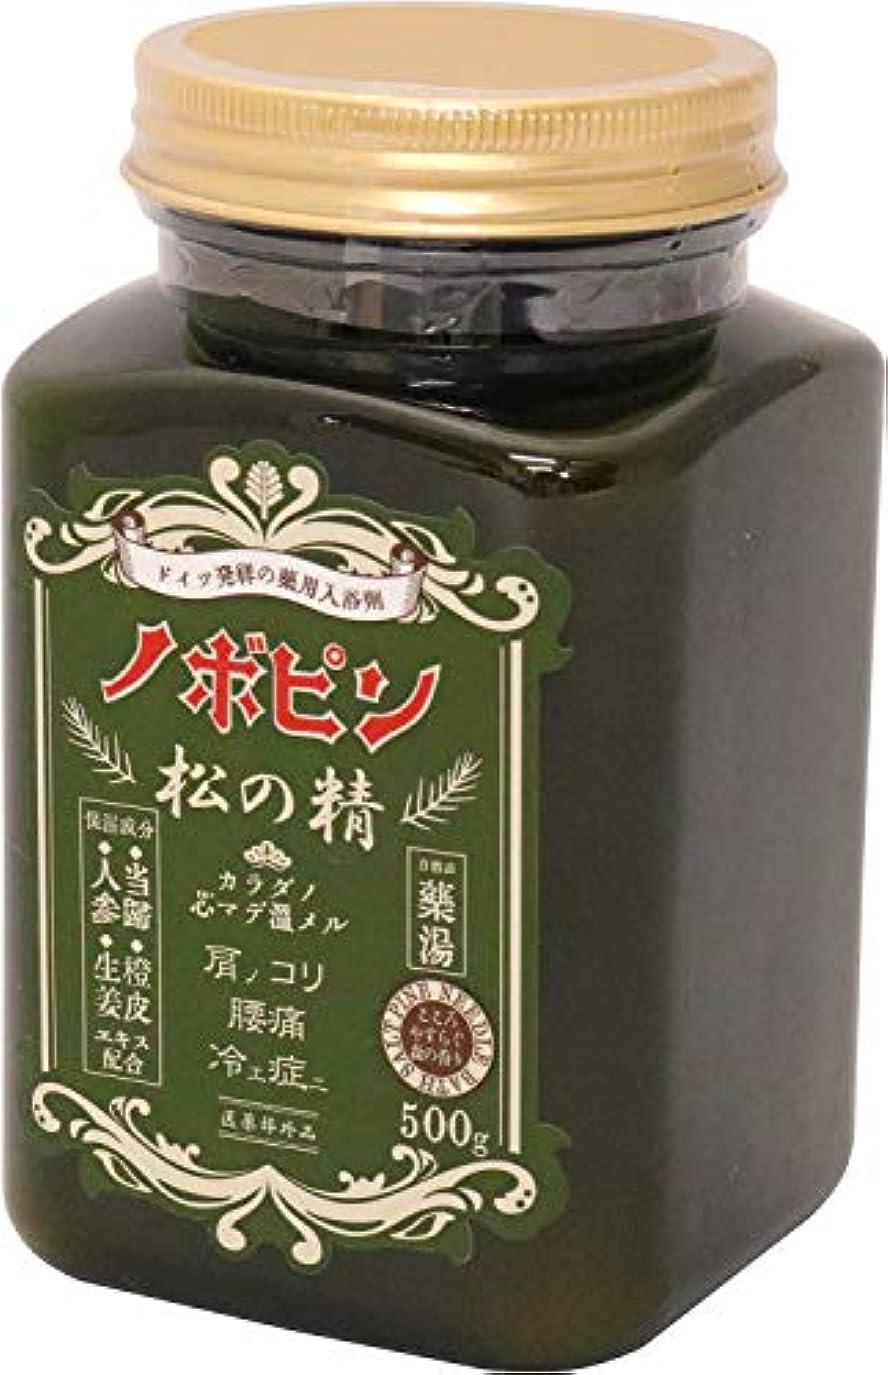 見て毎日乳白色紀陽除虫菊 ドイツ発祥の薬用入浴剤 ノボピン 松の精 500g 保湿 (粉末タイプ/爽やかな森林の香り)